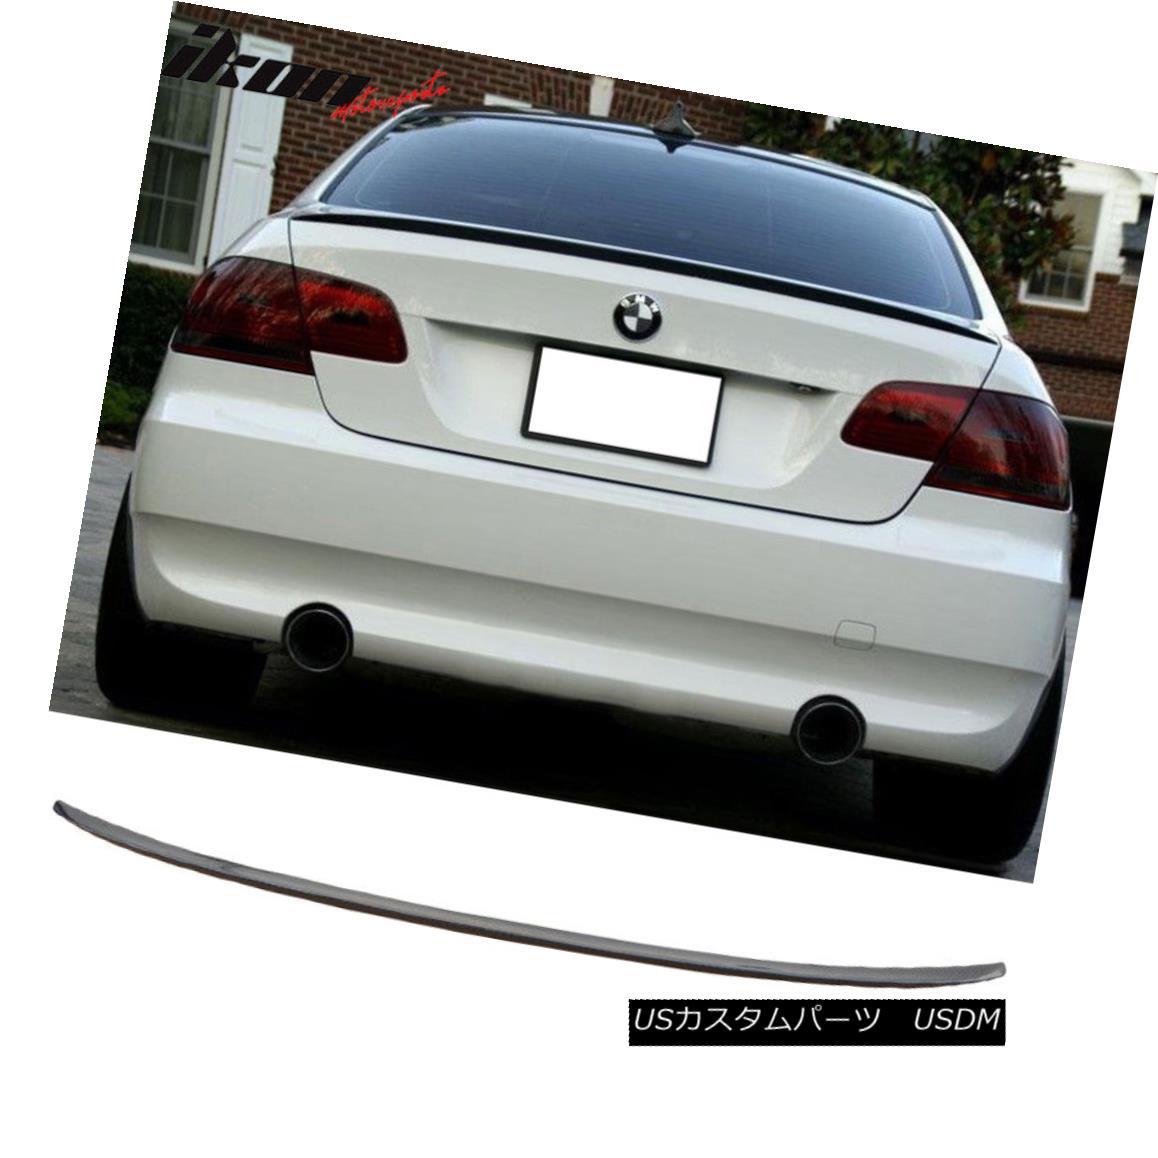 エアロパーツ Fits 07-12 BMW E92 3 Series Coupe M3 Style Trunk Spoiler Carbon Fiber (CF) フィット07-12 BMW E92 3シリーズクーペM3スタイルトランクスポイラー炭素繊維(CF)